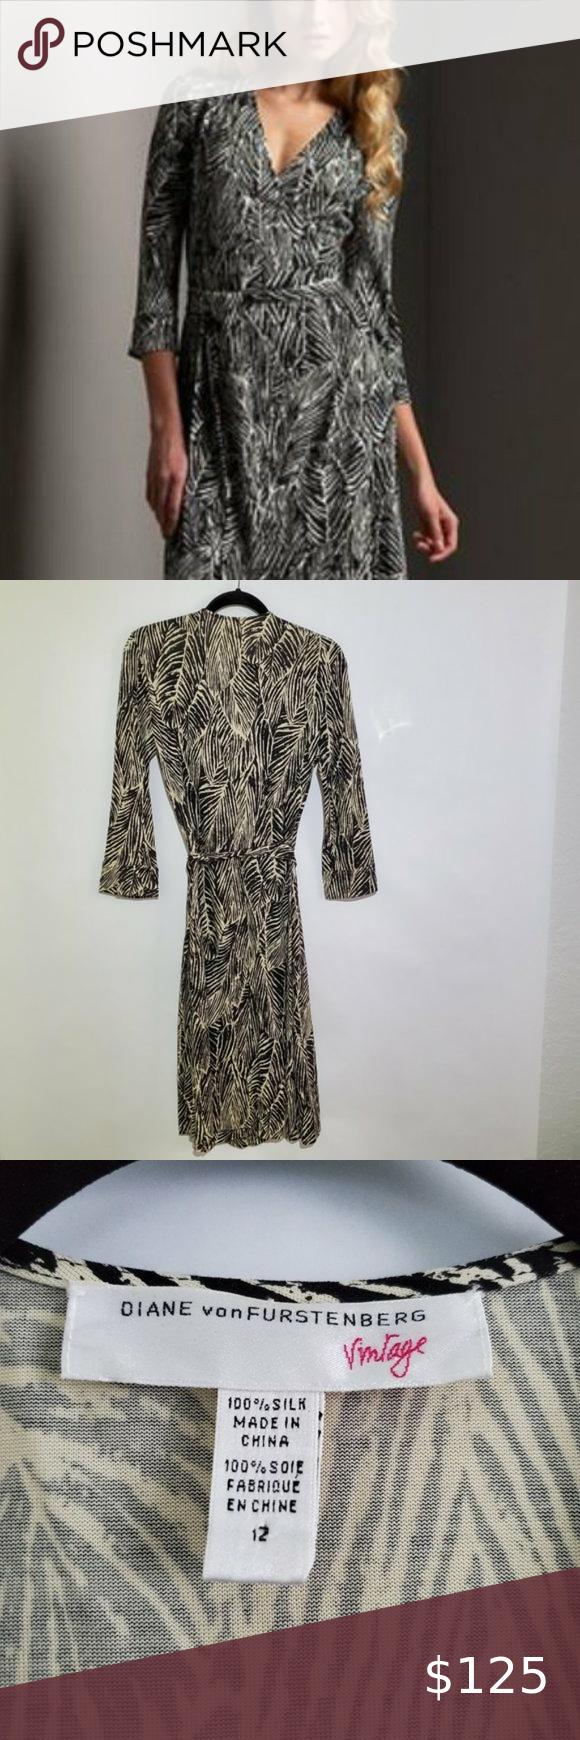 Diane Von Furstenberg Dvf Rare Vintage Dress Vintage Wrap Dress Vintage Dresses Dvf Wrap Dress [ 1740 x 580 Pixel ]